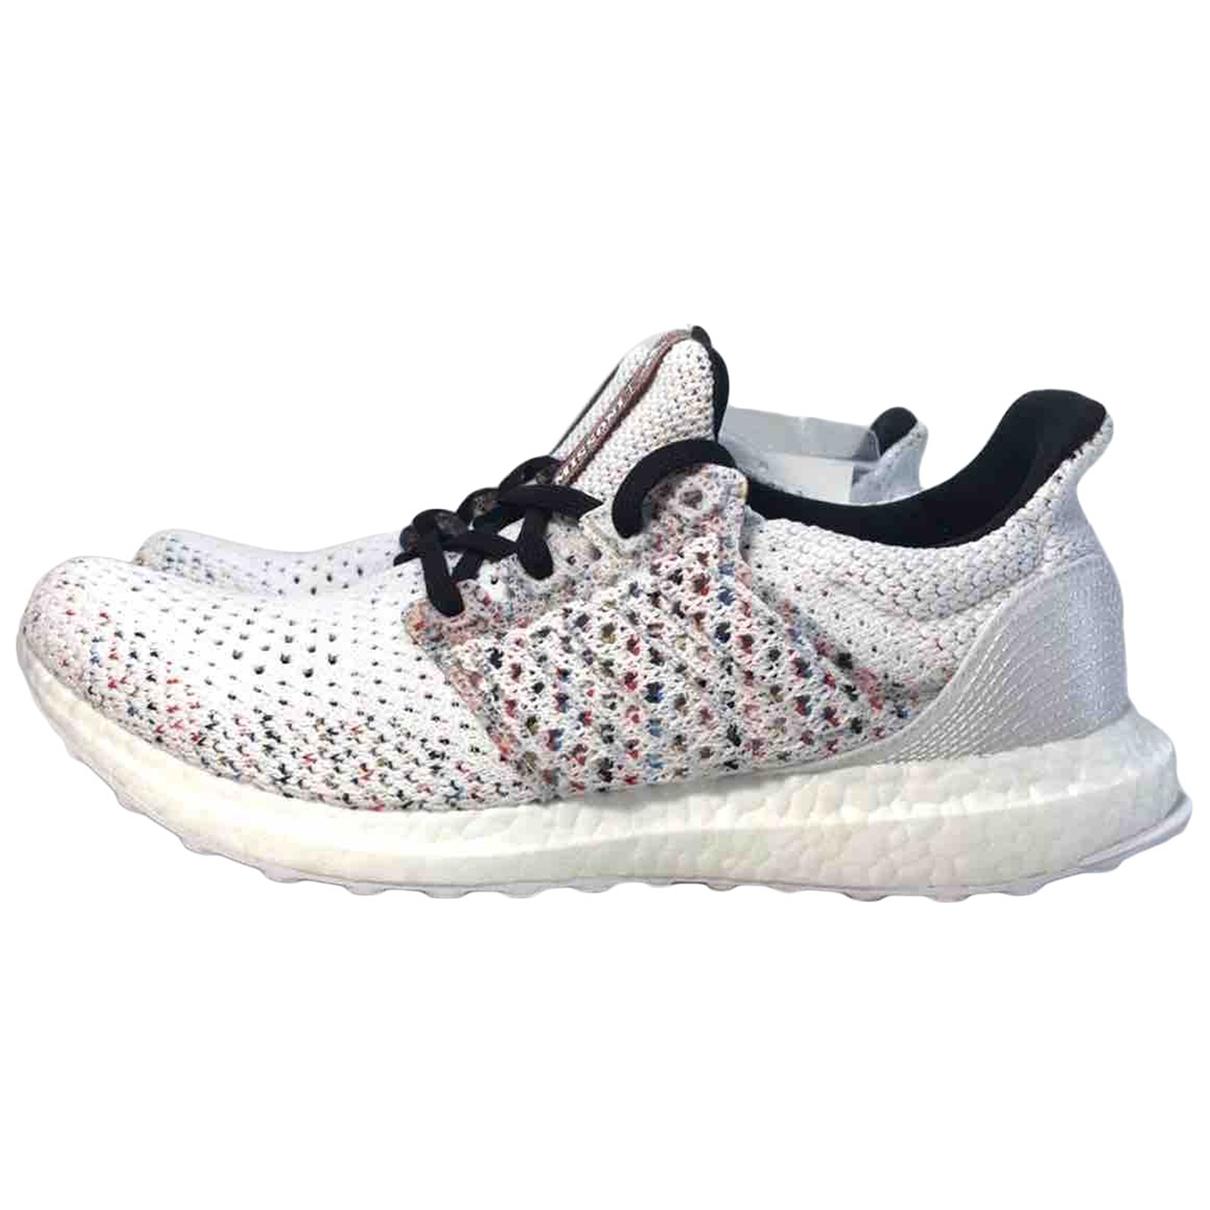 Adidas X Missoni \N White Cloth Trainers for Men 42.5 EU